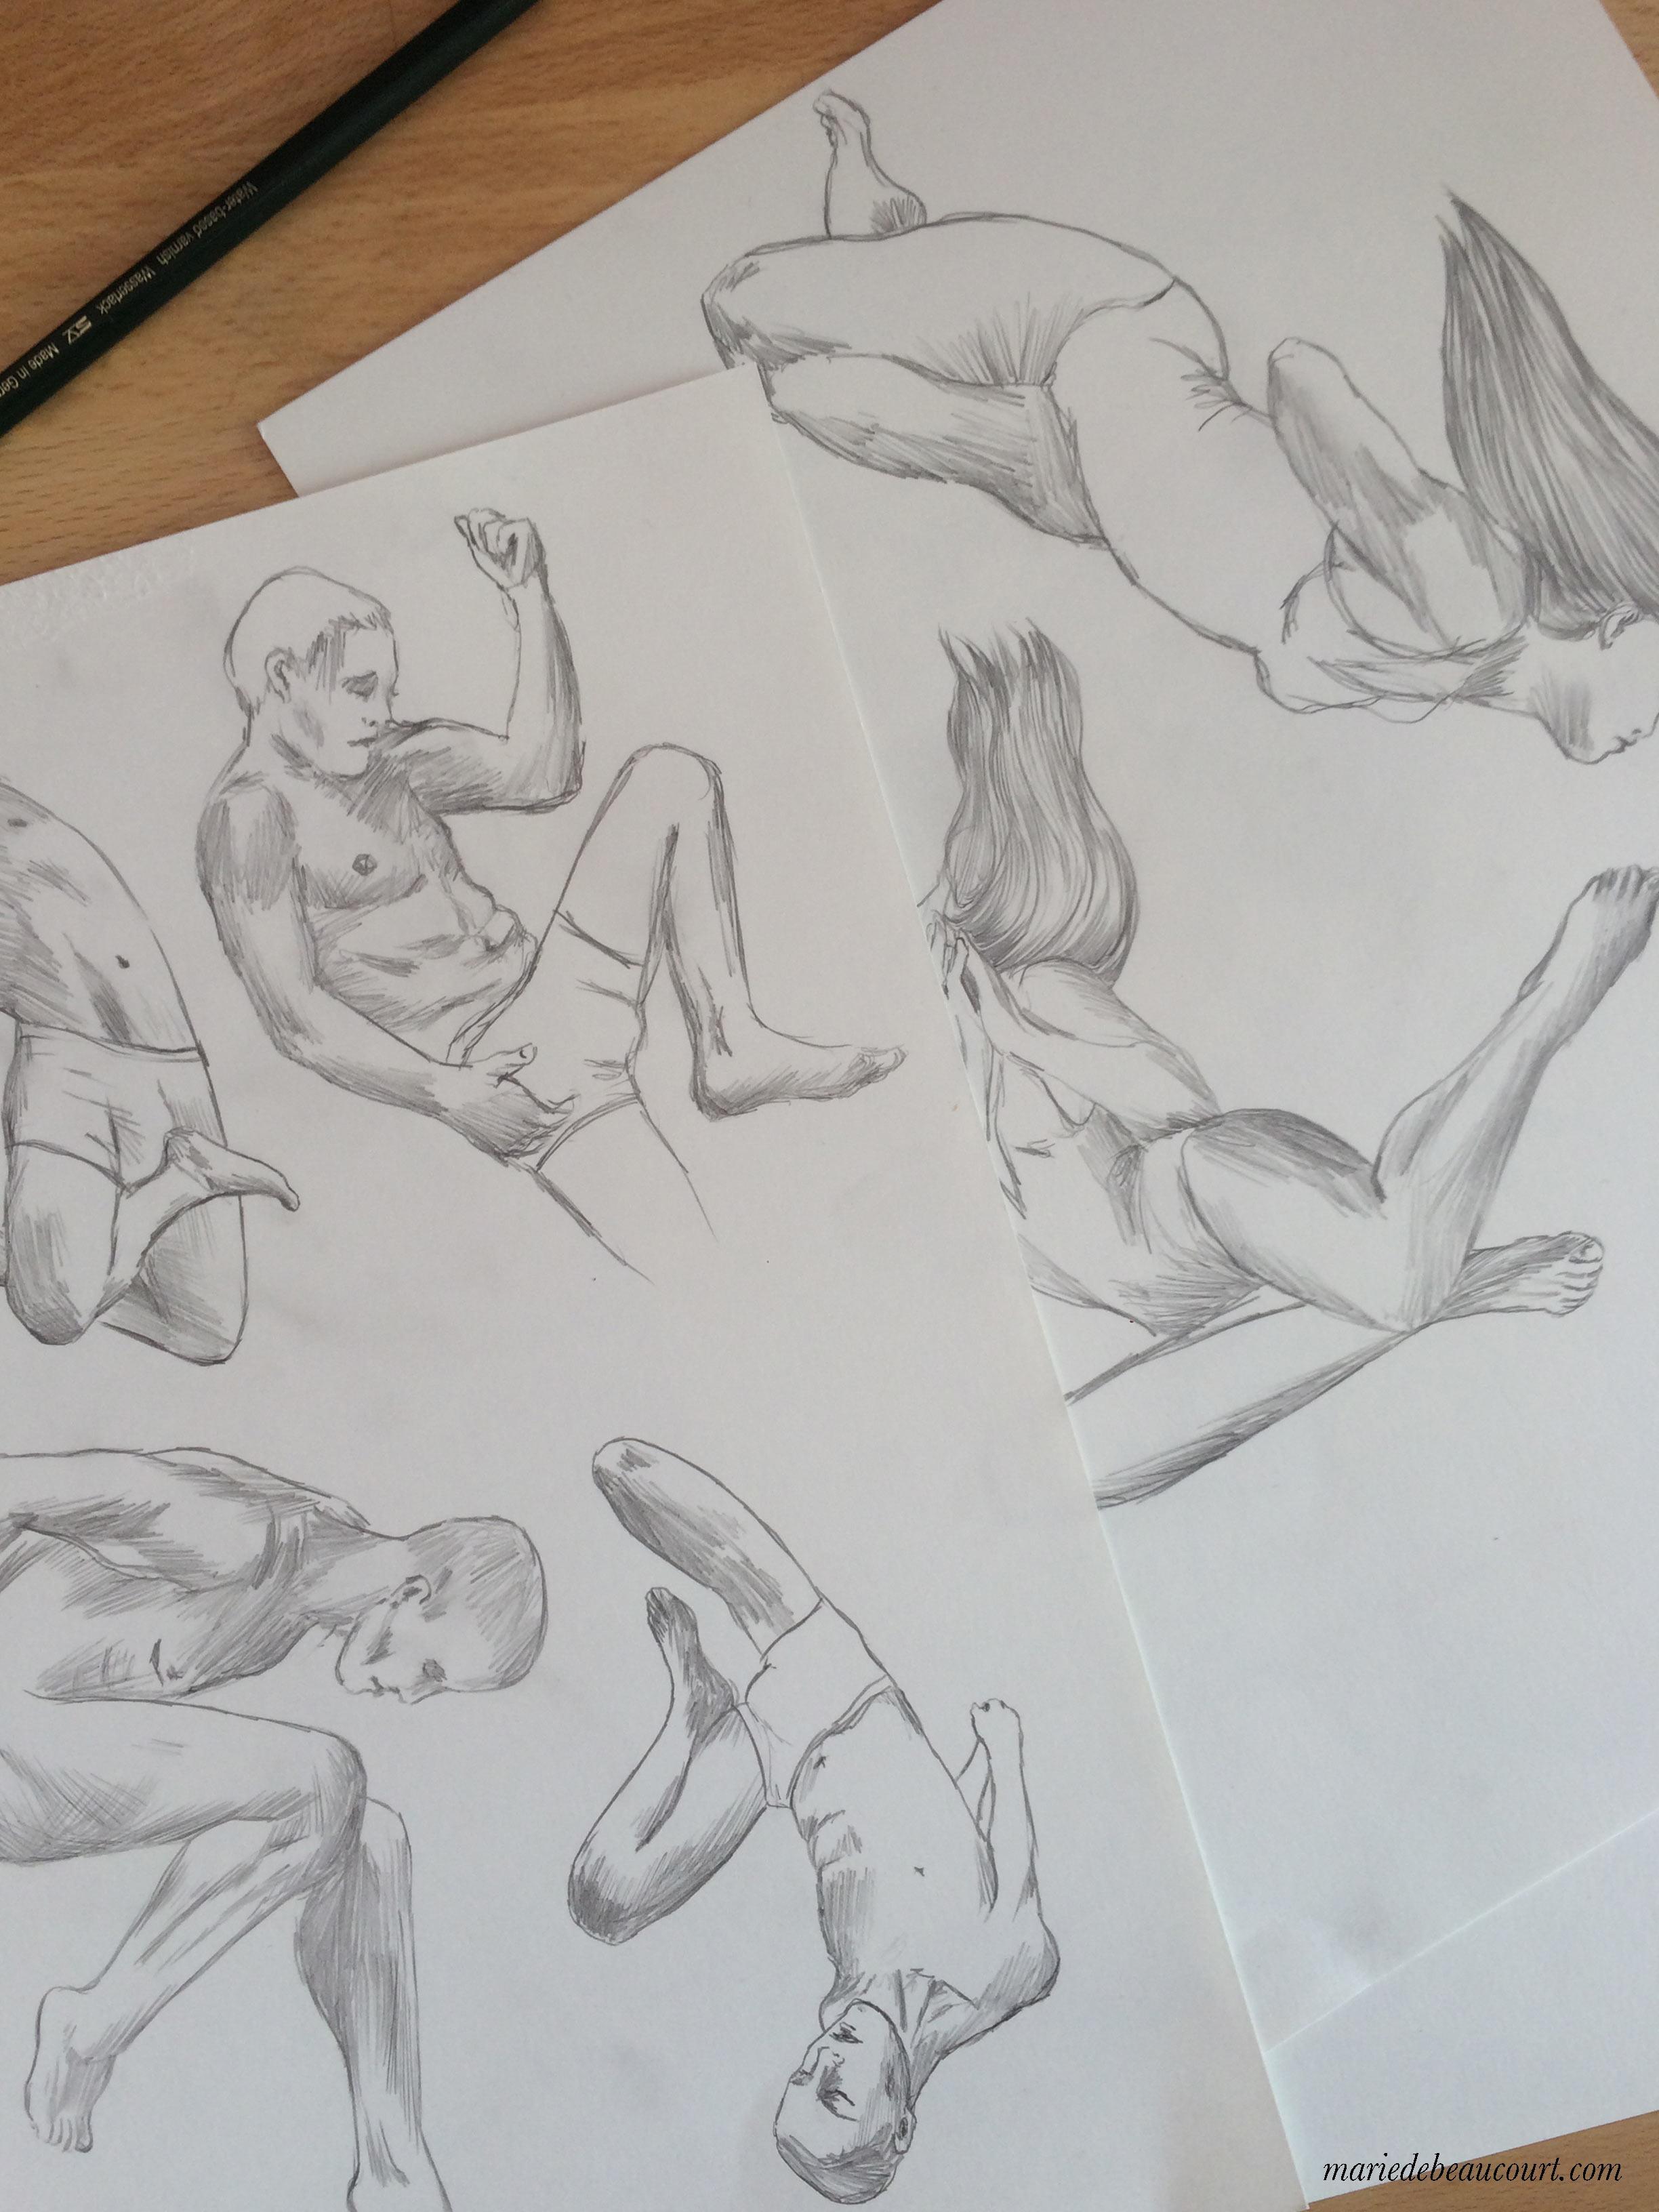 Marie-de-Beaucourt-Rope-artists-intl-wip1.jpg